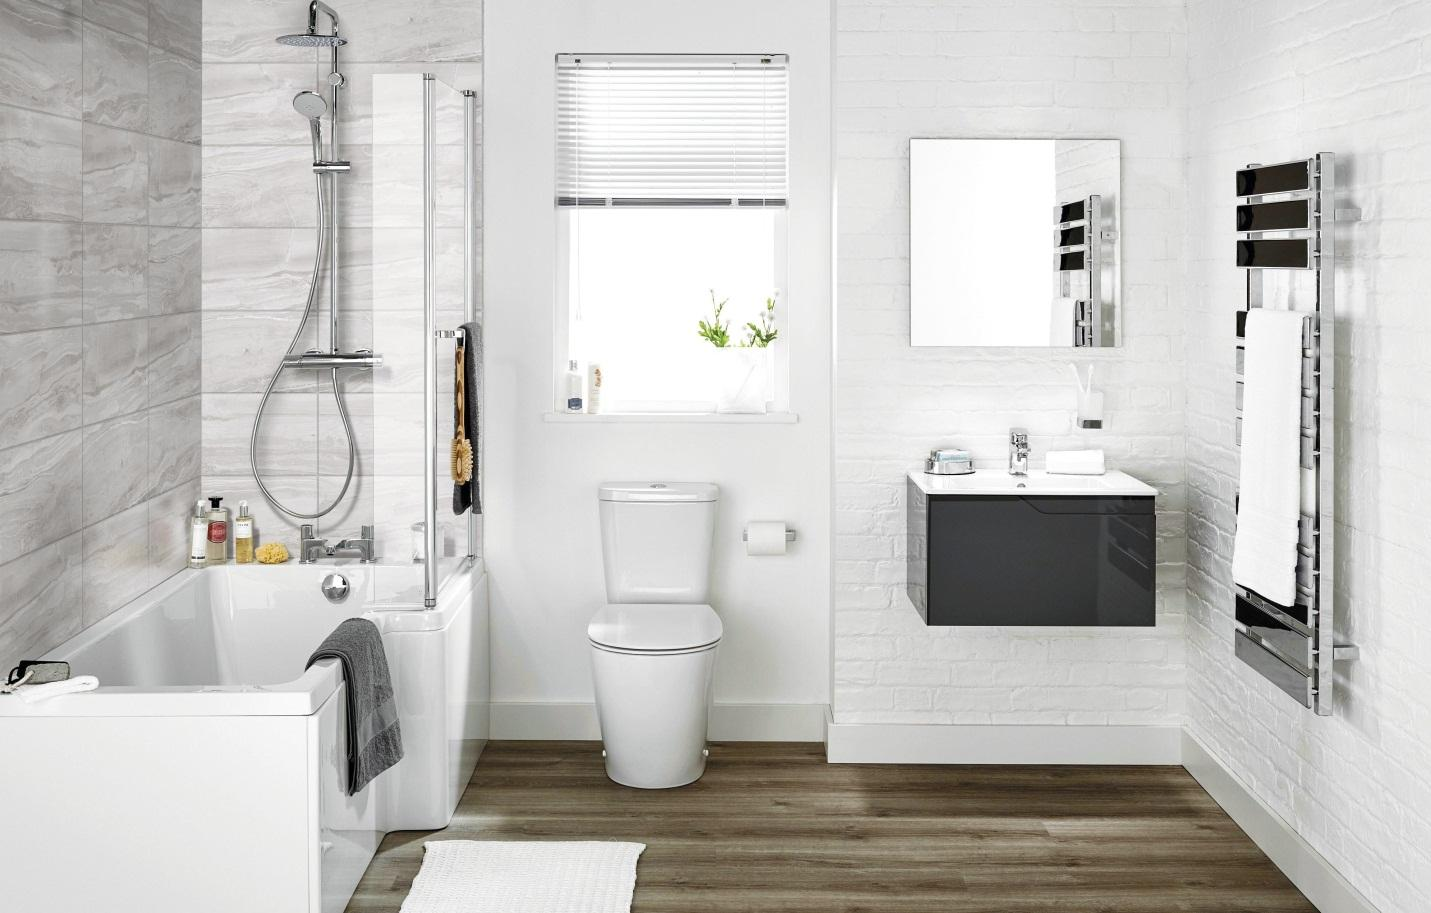 Tư vấn thiết kế nội thất căn hộ chung cư theo dạng studio có diện tích 44m² để cho thuê với chi phí 42 triệu - Ảnh 10.